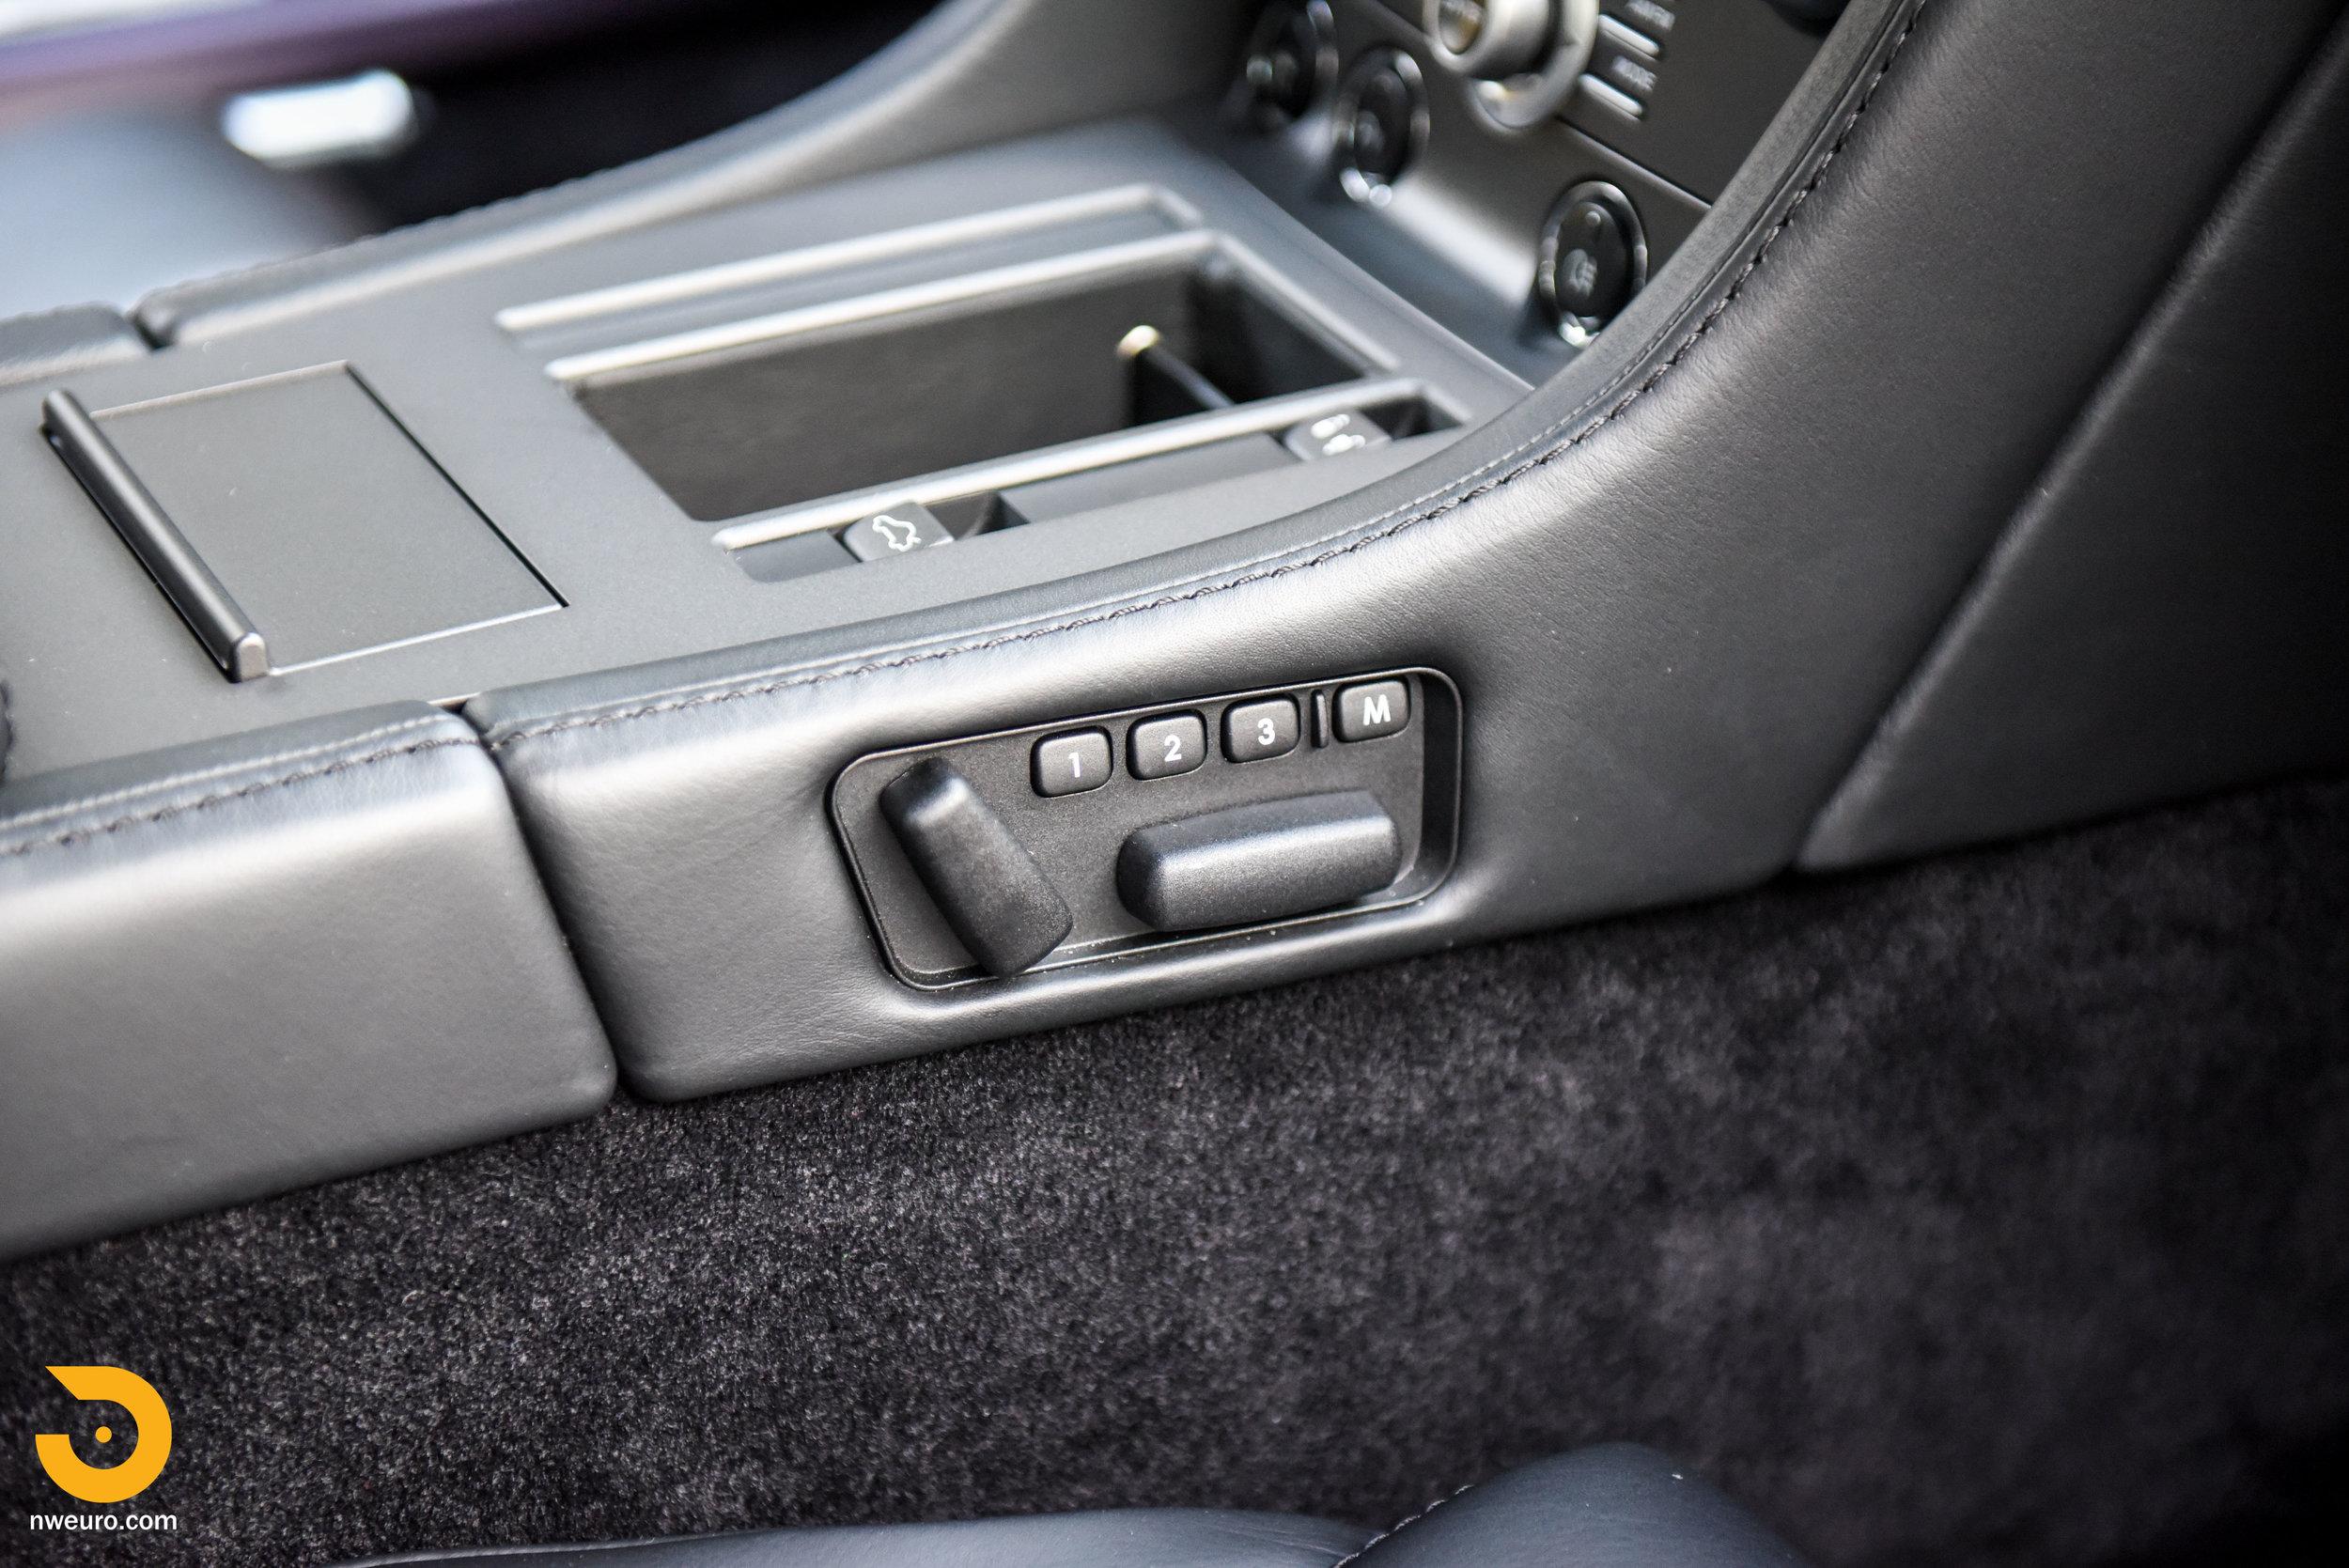 2009 Aston Martin V8 Vantage-52.jpg